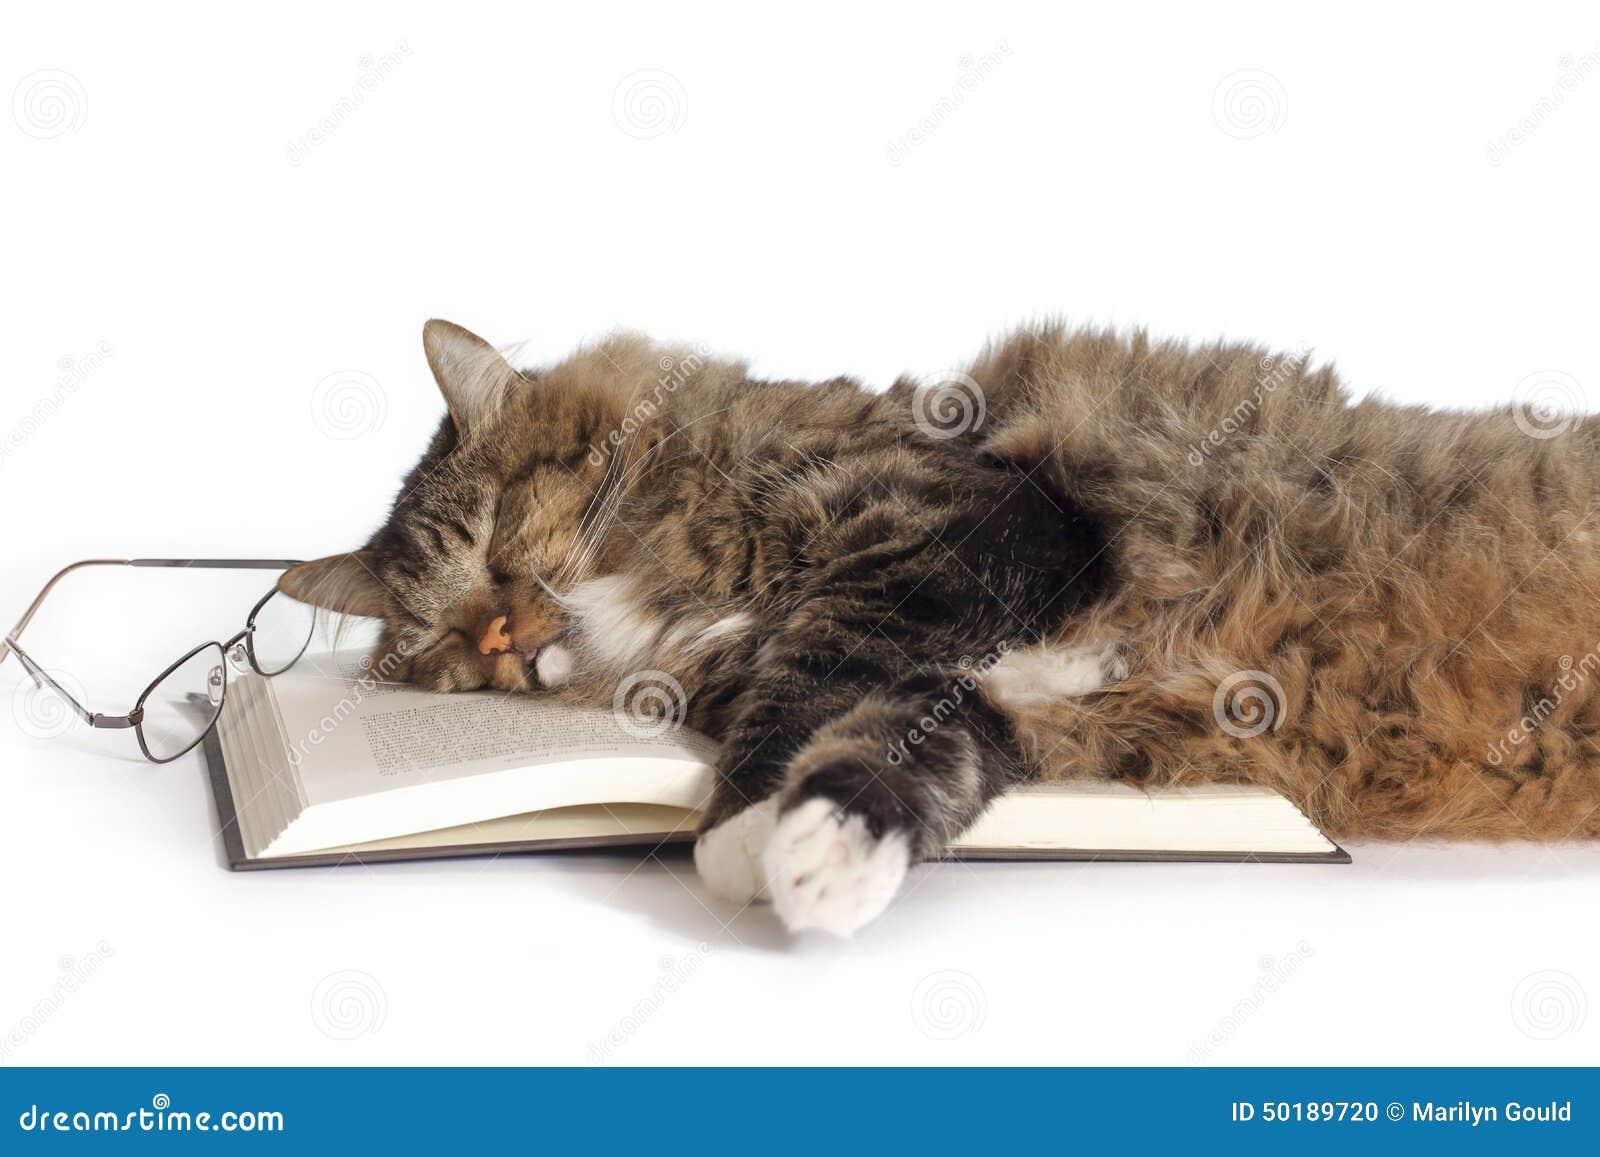 Кот спит у книги